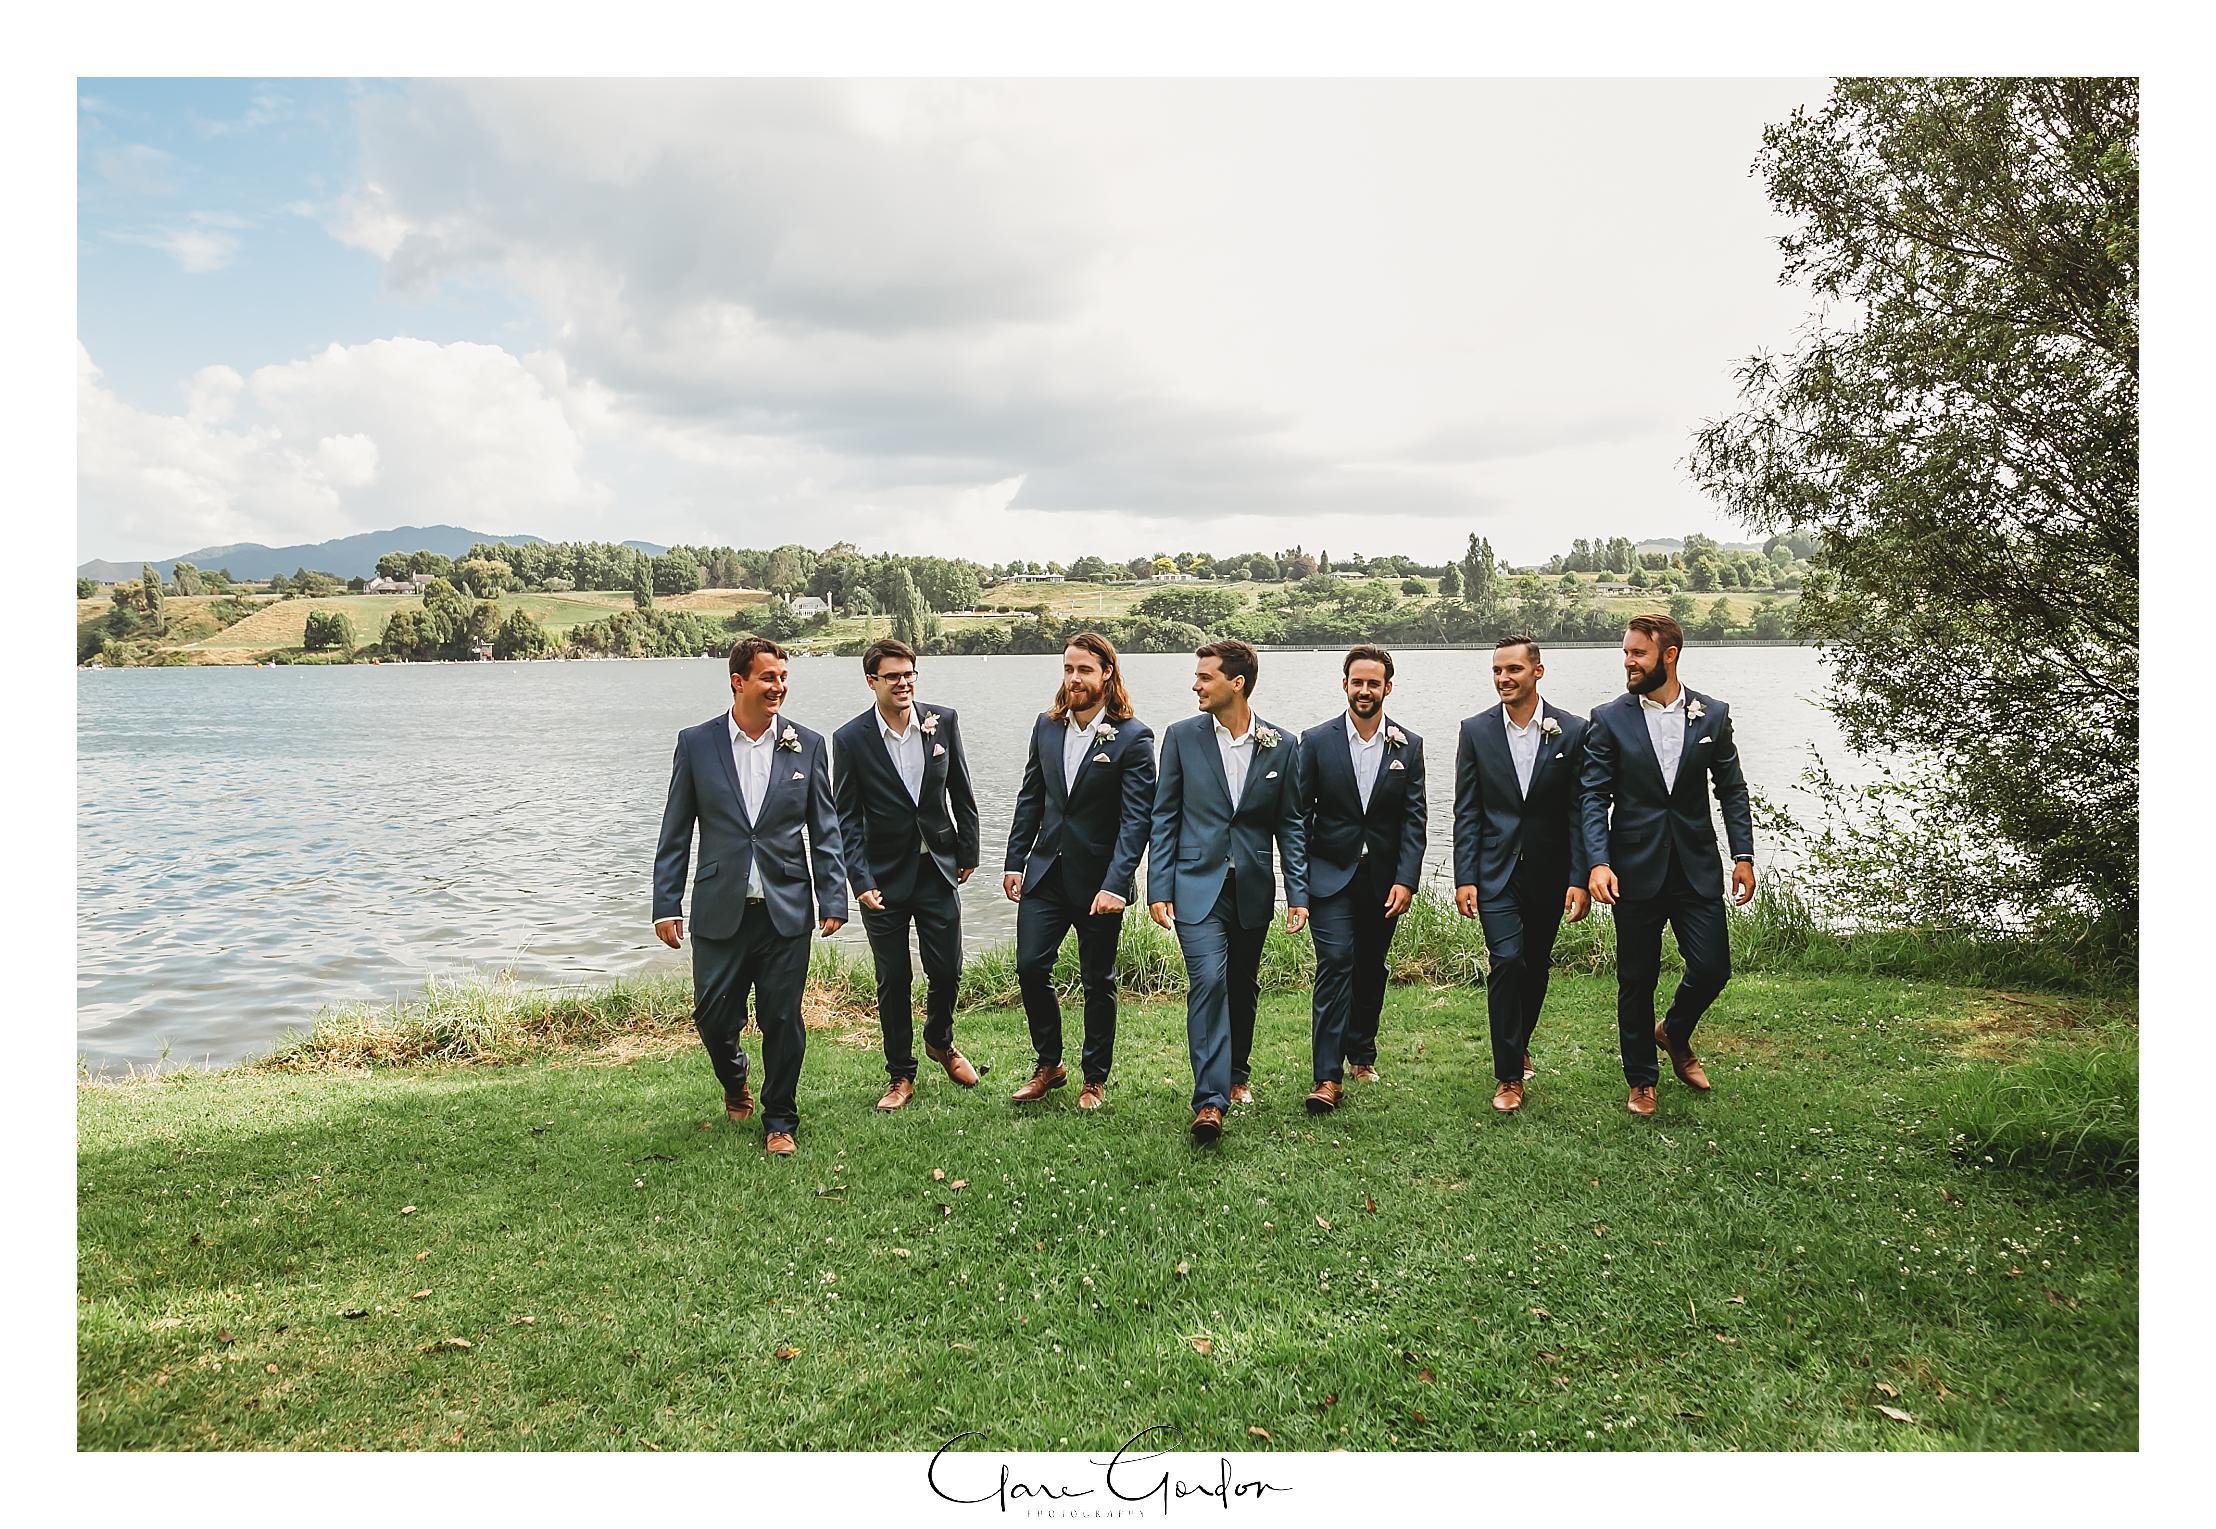 groomsmen-walking-the-boat-shed-lake-karapiro